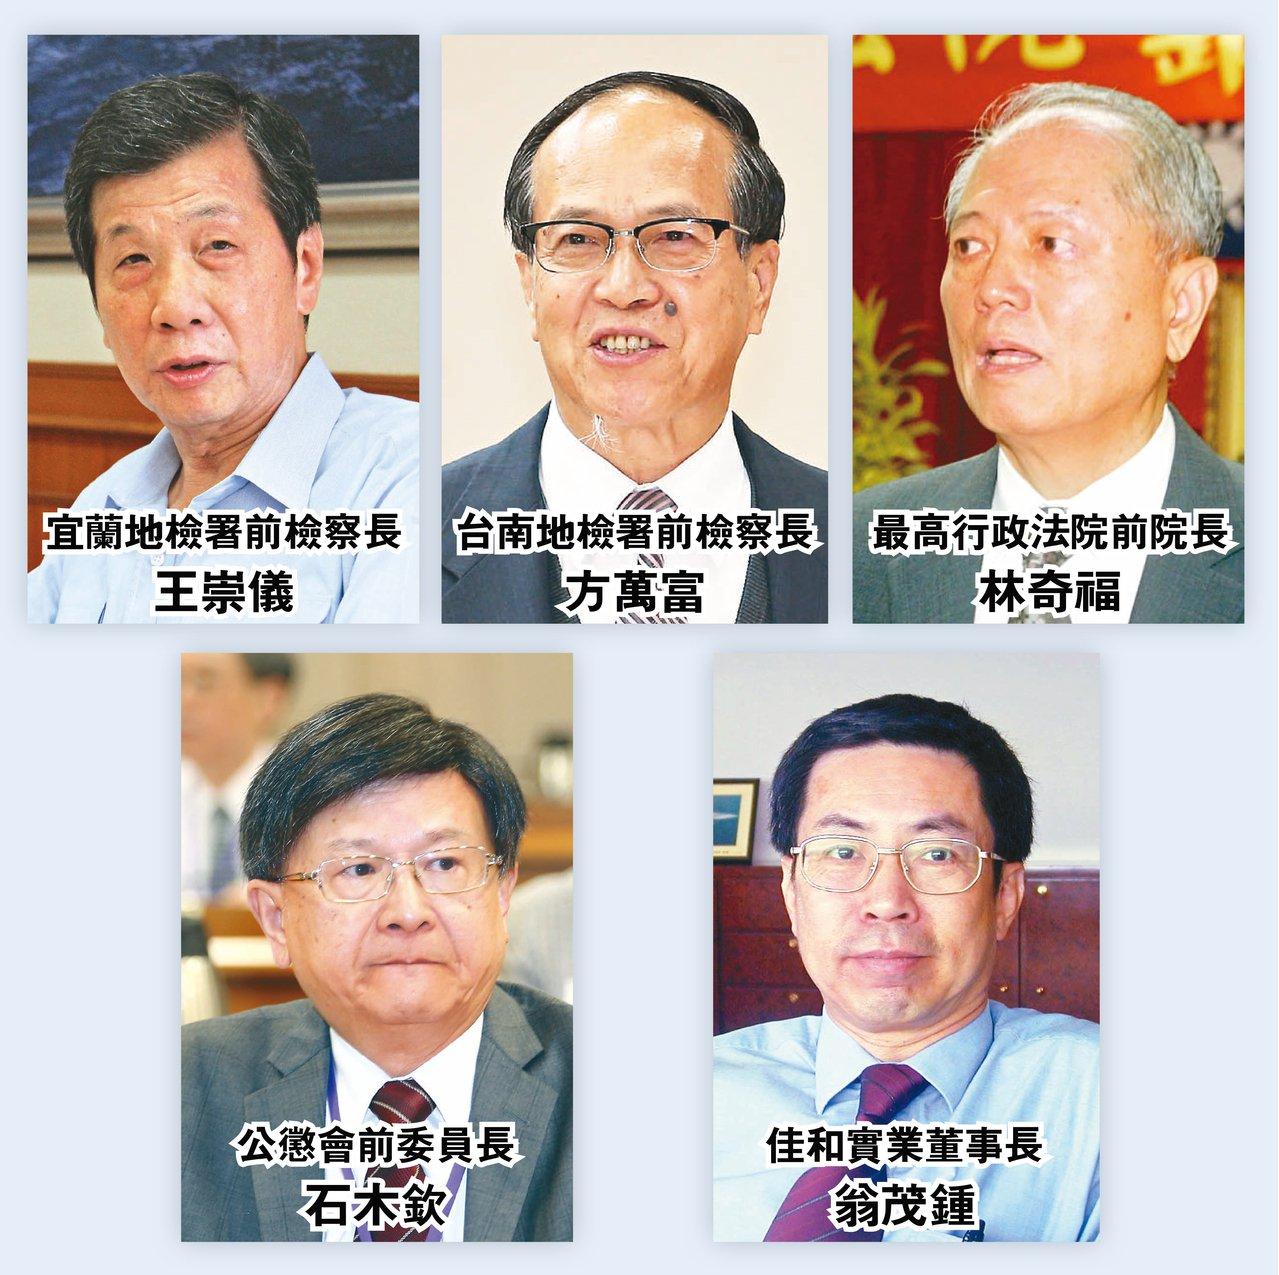 從根爛掉的台灣司法